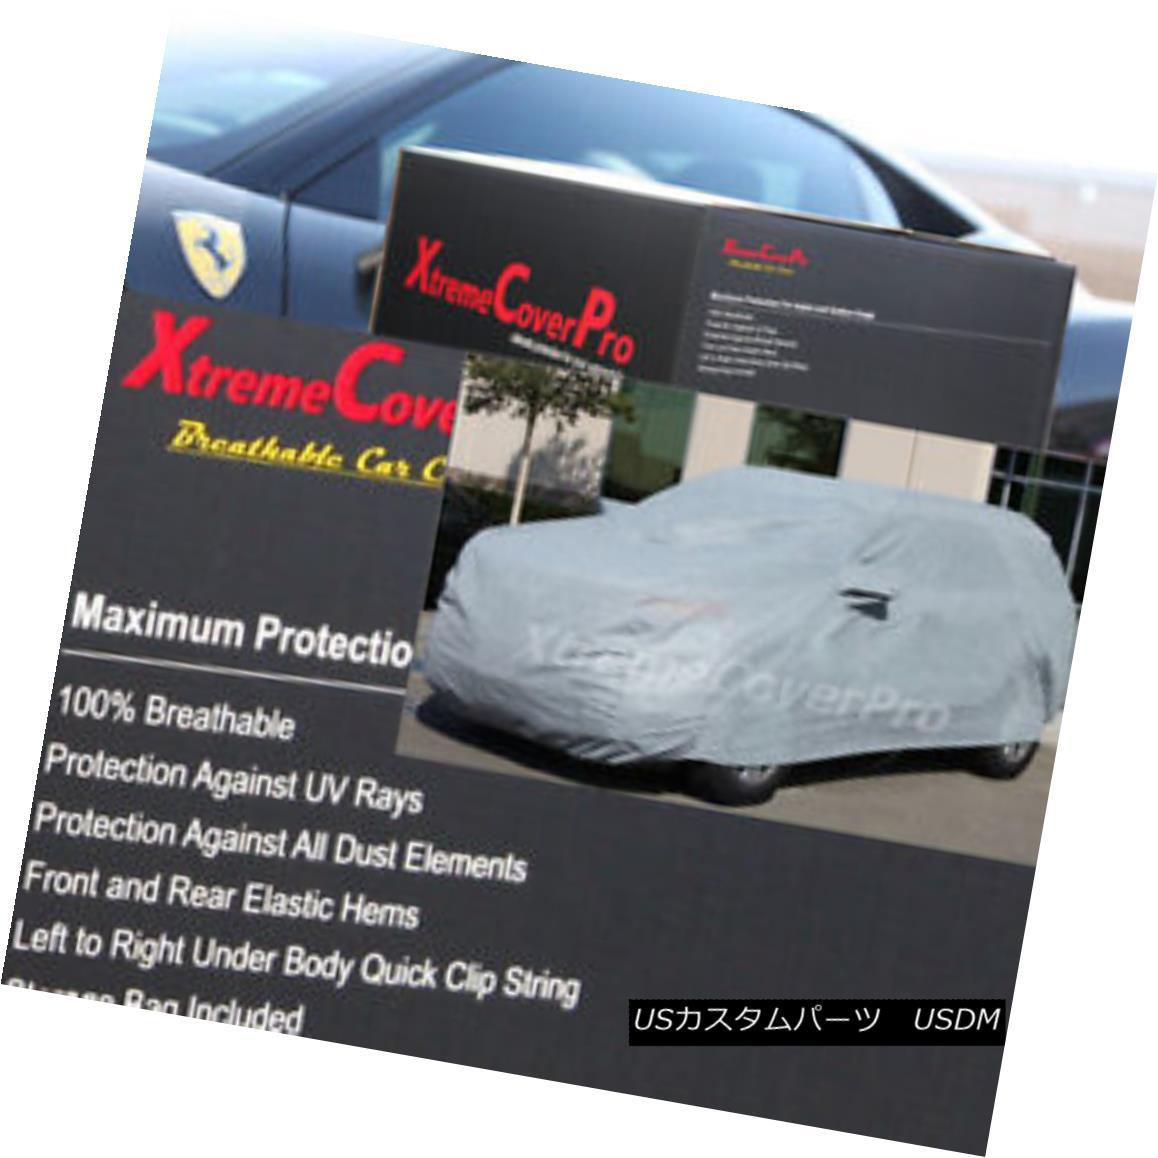 カーカバー 2014 Cadillac Escalade ESV Breathable Car Cover w/ Mirror Pocket 2014キャデラック・エスカレードESV通気性の車カバー(ミラーポケット付)